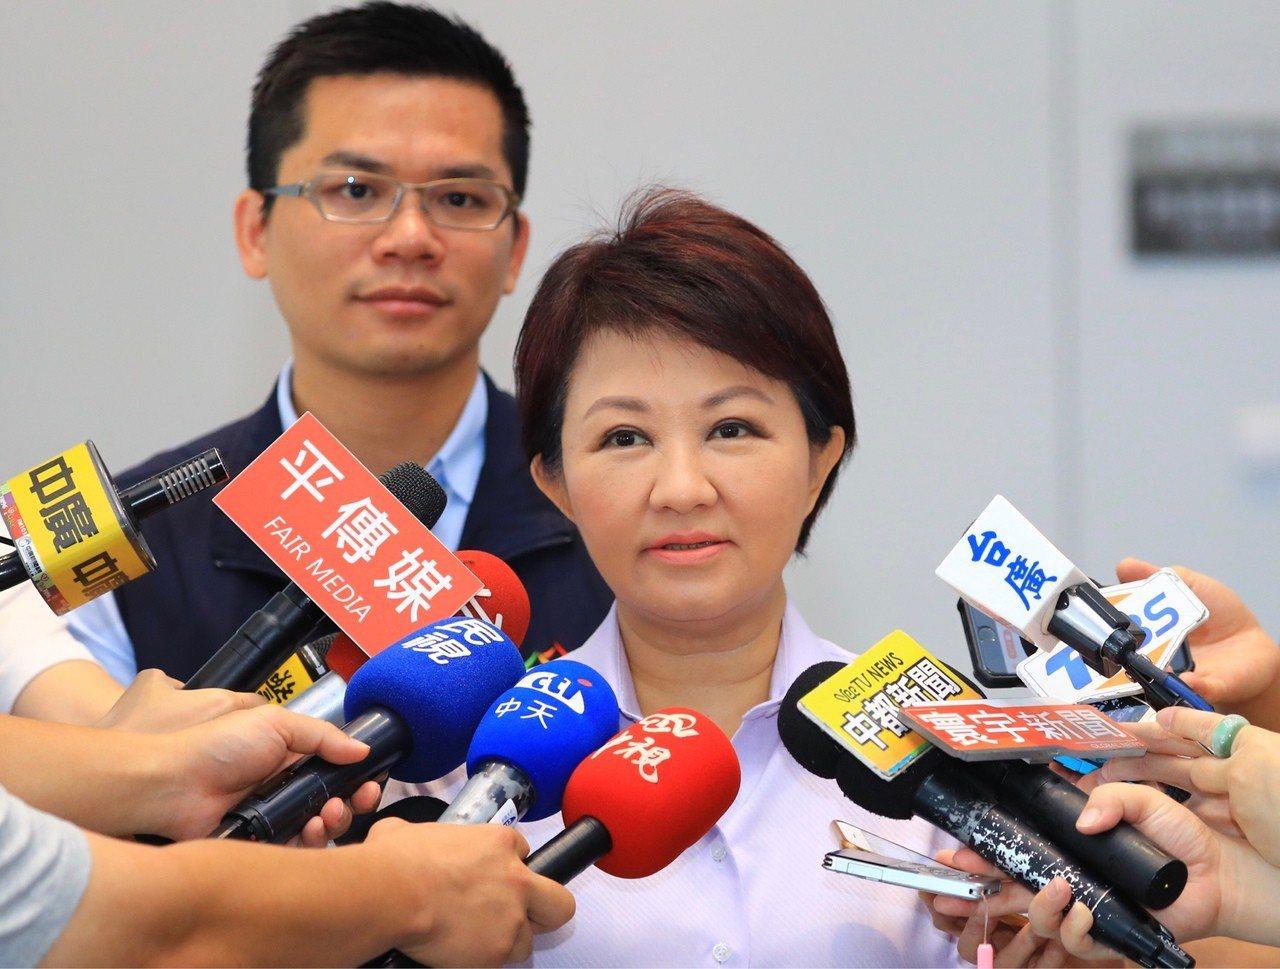 台中市長盧秀燕今天受訪時表示,這是一件重大治安事件,這種情形不容再發生,警方正全...